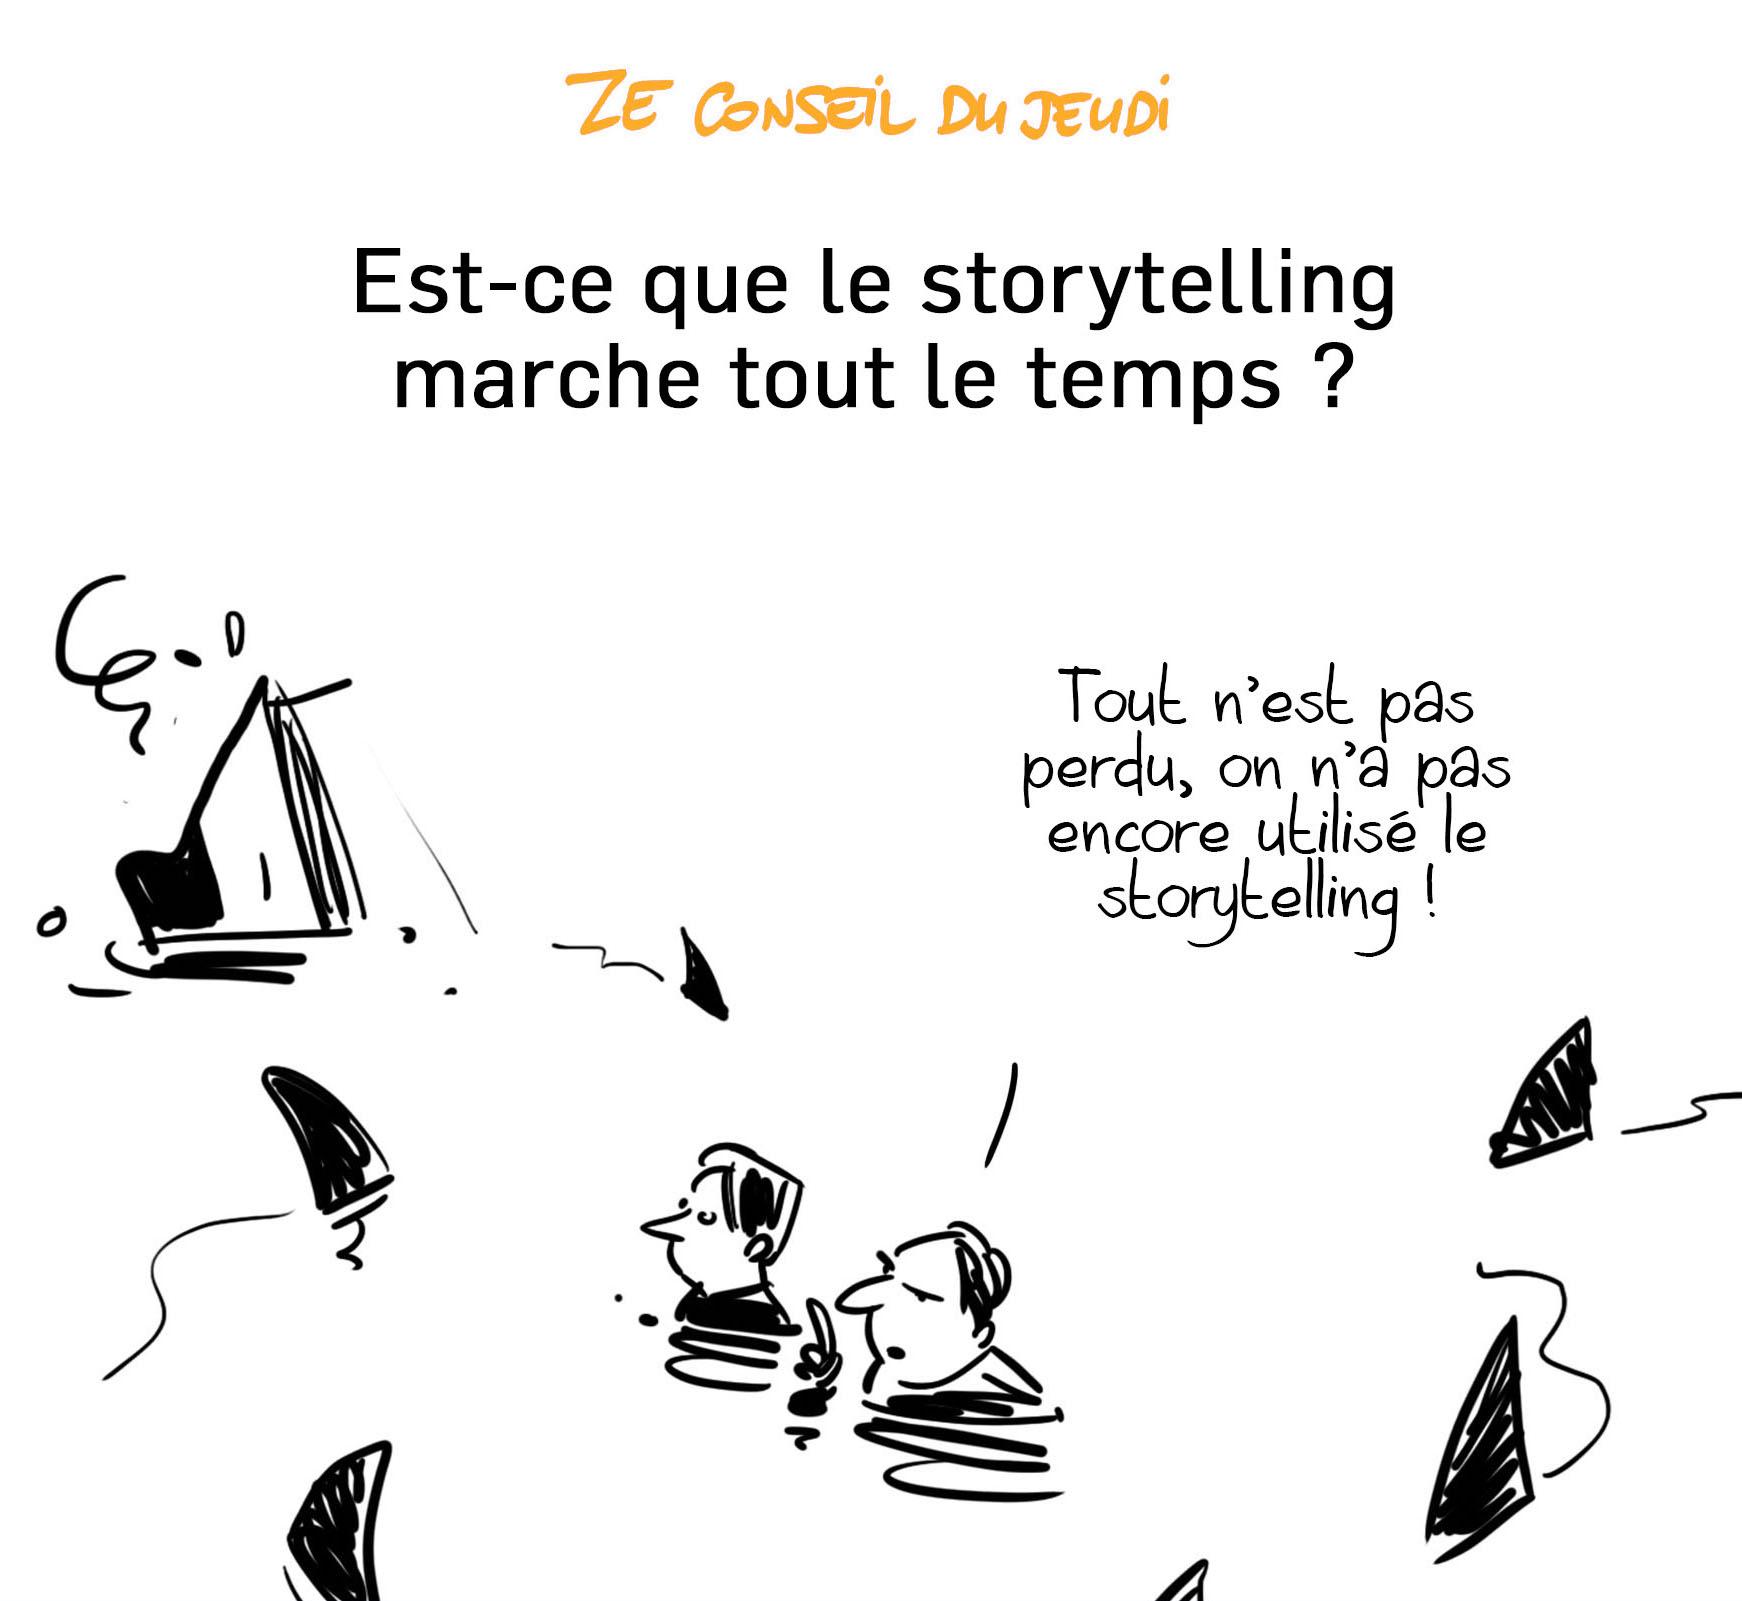 ze-conseil-est-ce que le storytelling marche tout le temps